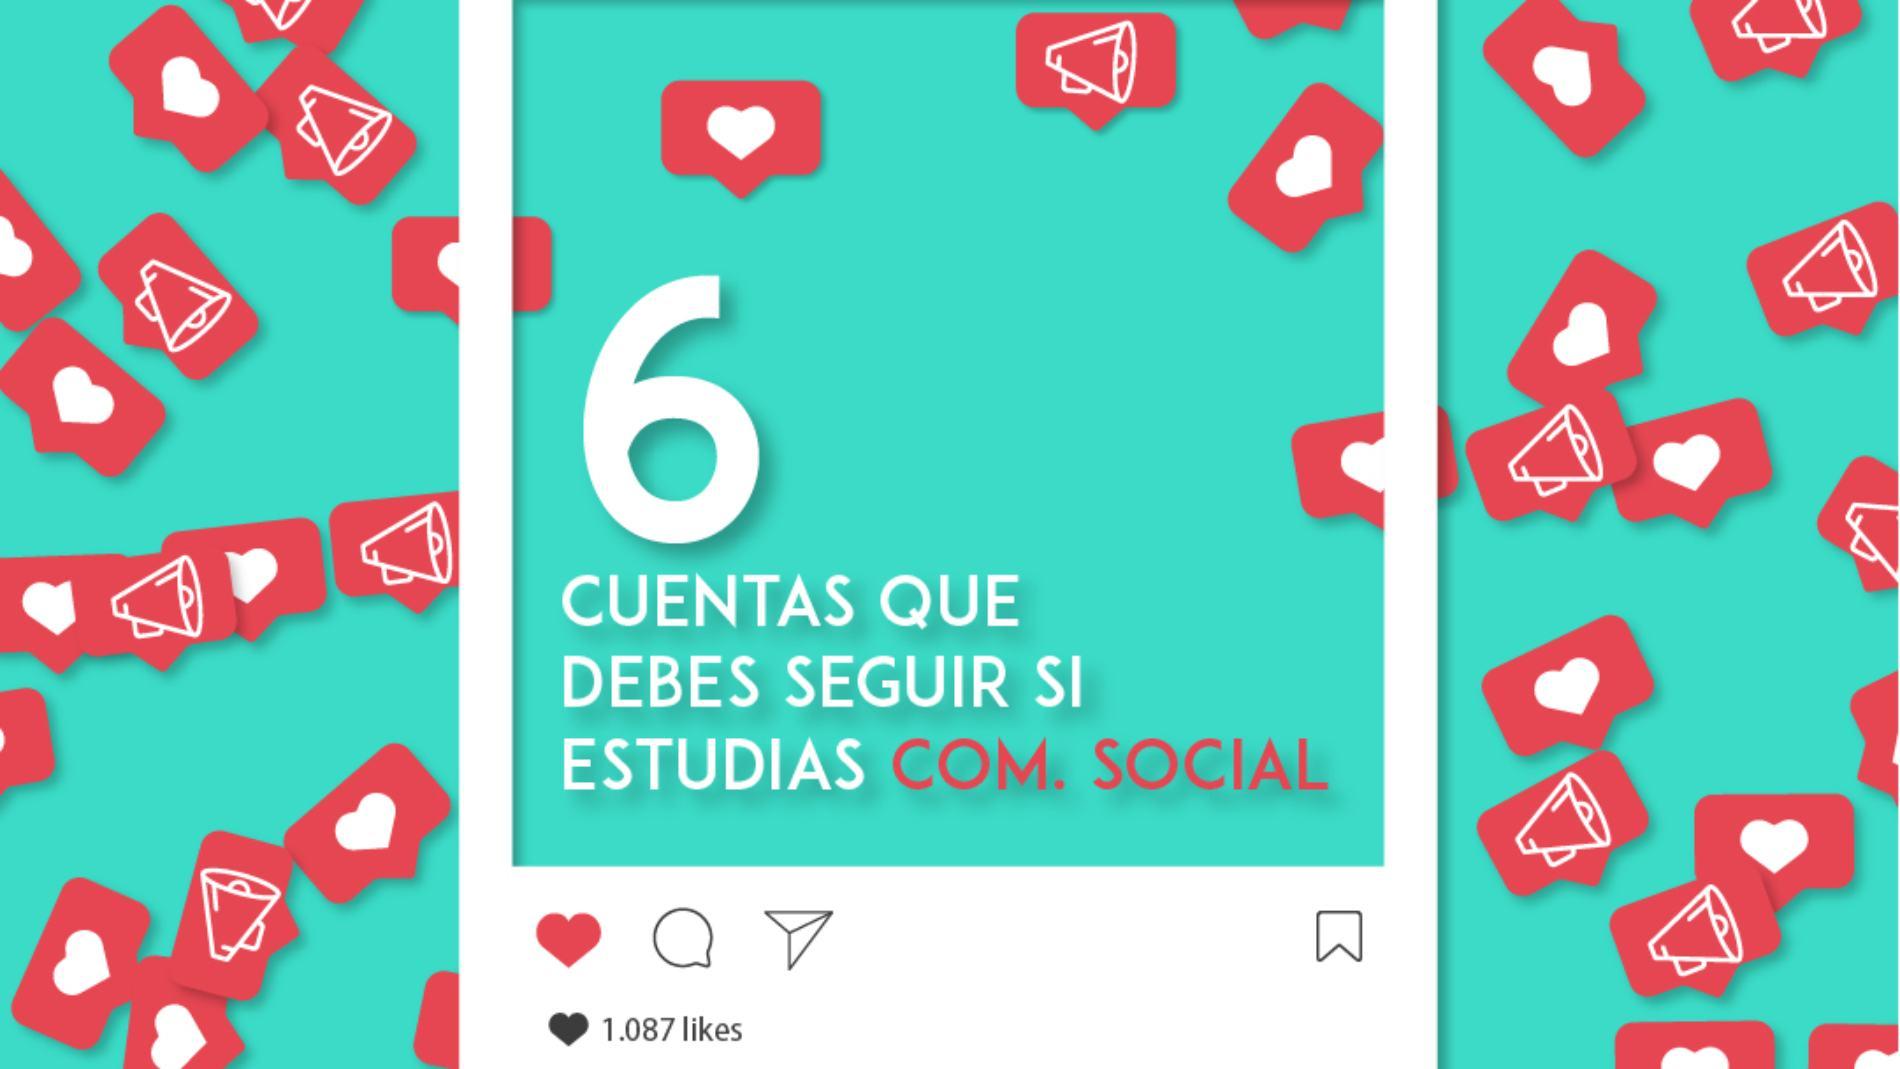 com social 5 cuentas-01-01